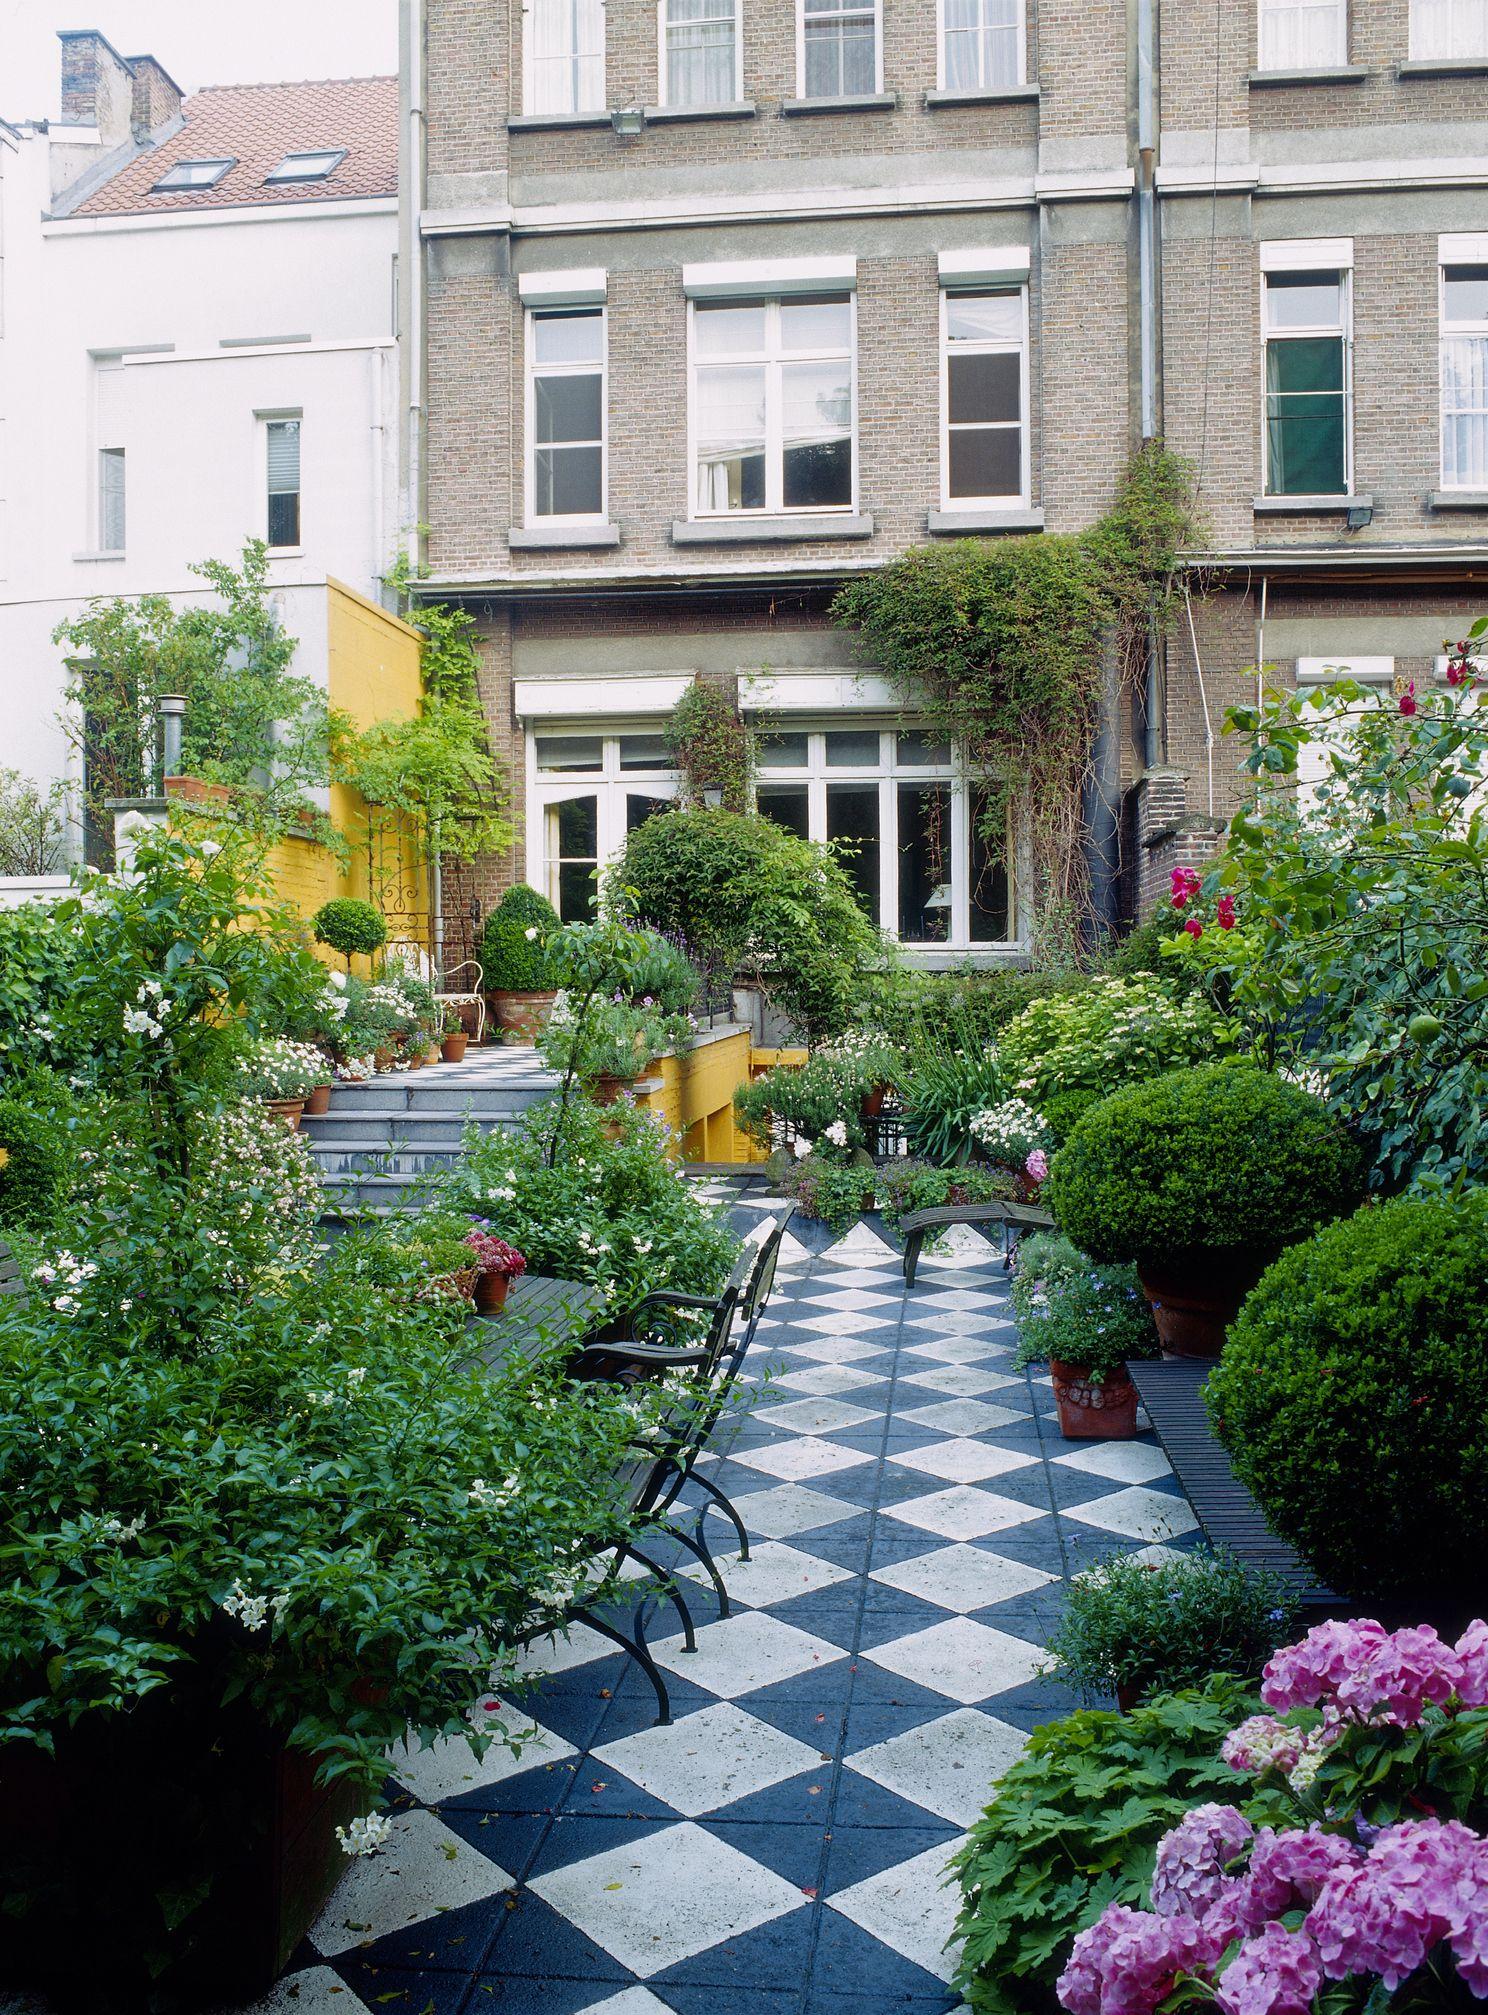 Checkered tiles in patio - long and narrow garden & 5 Cheap Garden Ideas - Best Gardening Ideas On A Budget